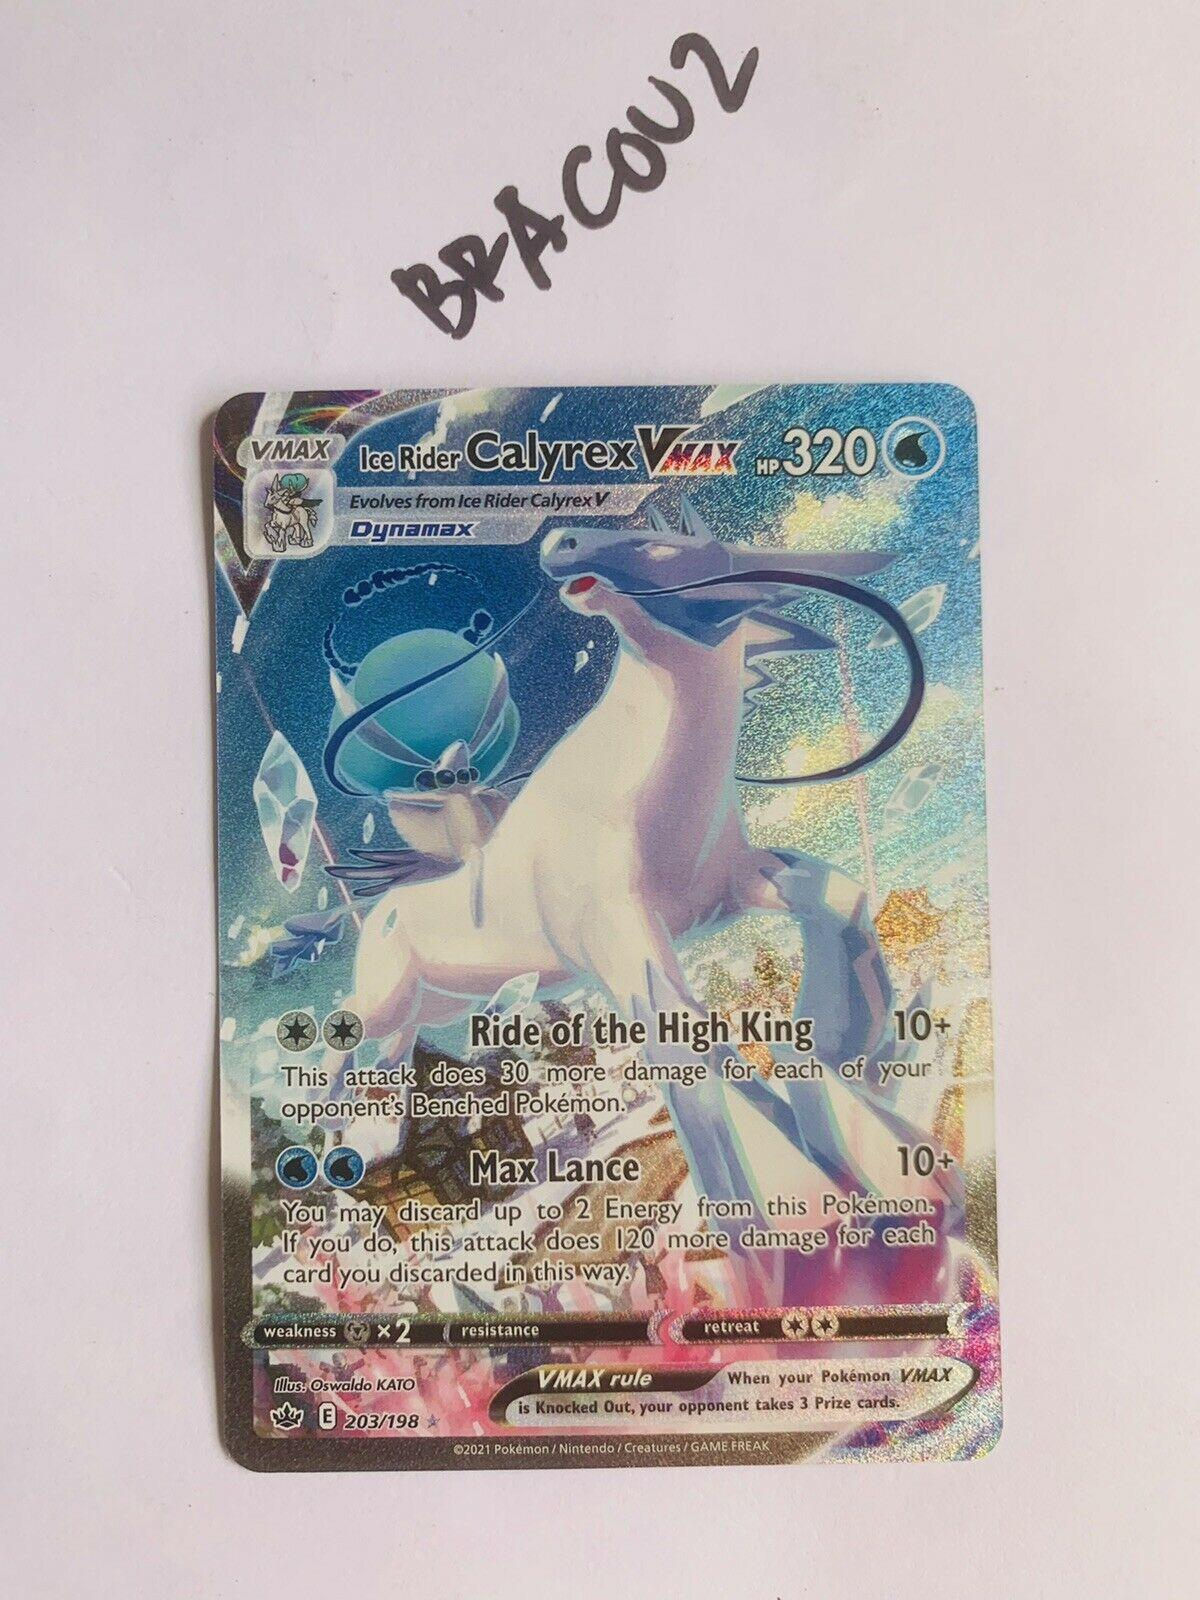 NM-Mint Pokemon Ice Rider Calyrex VMAX 203/198 Secret Rare Chilling Reign